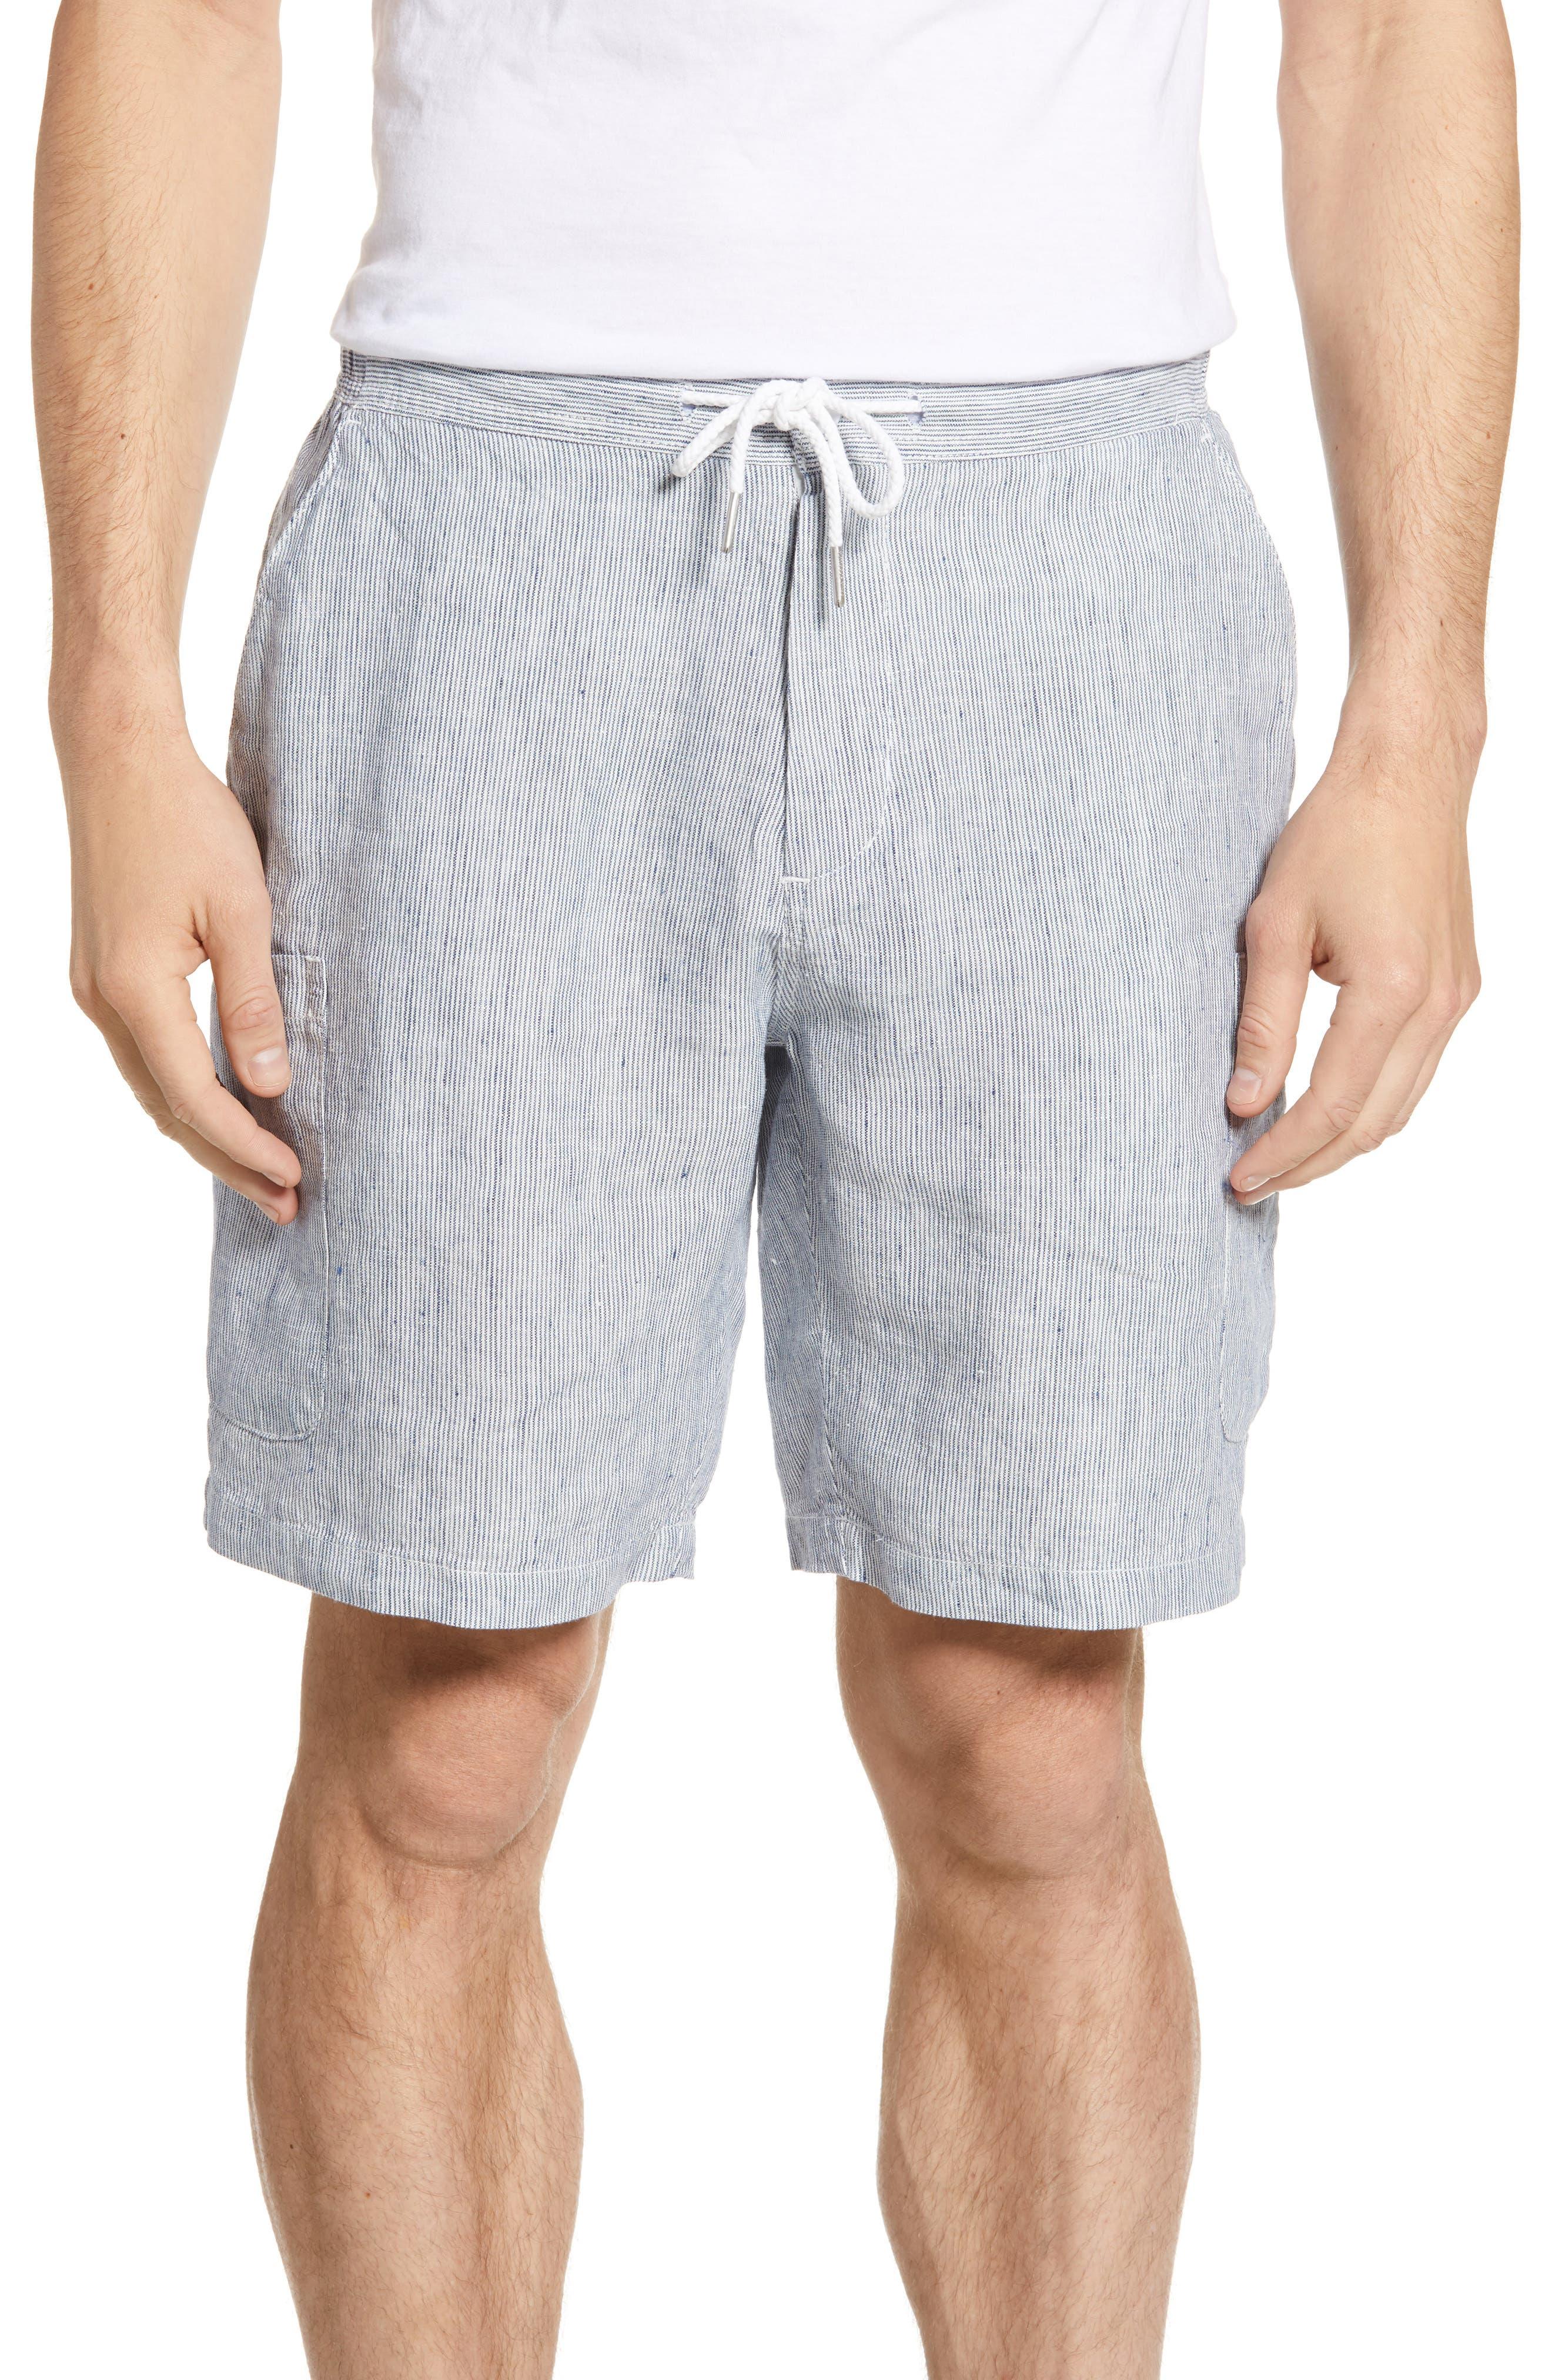 Reyn Spooner Pinstripe Linen Cargo Shorts, White